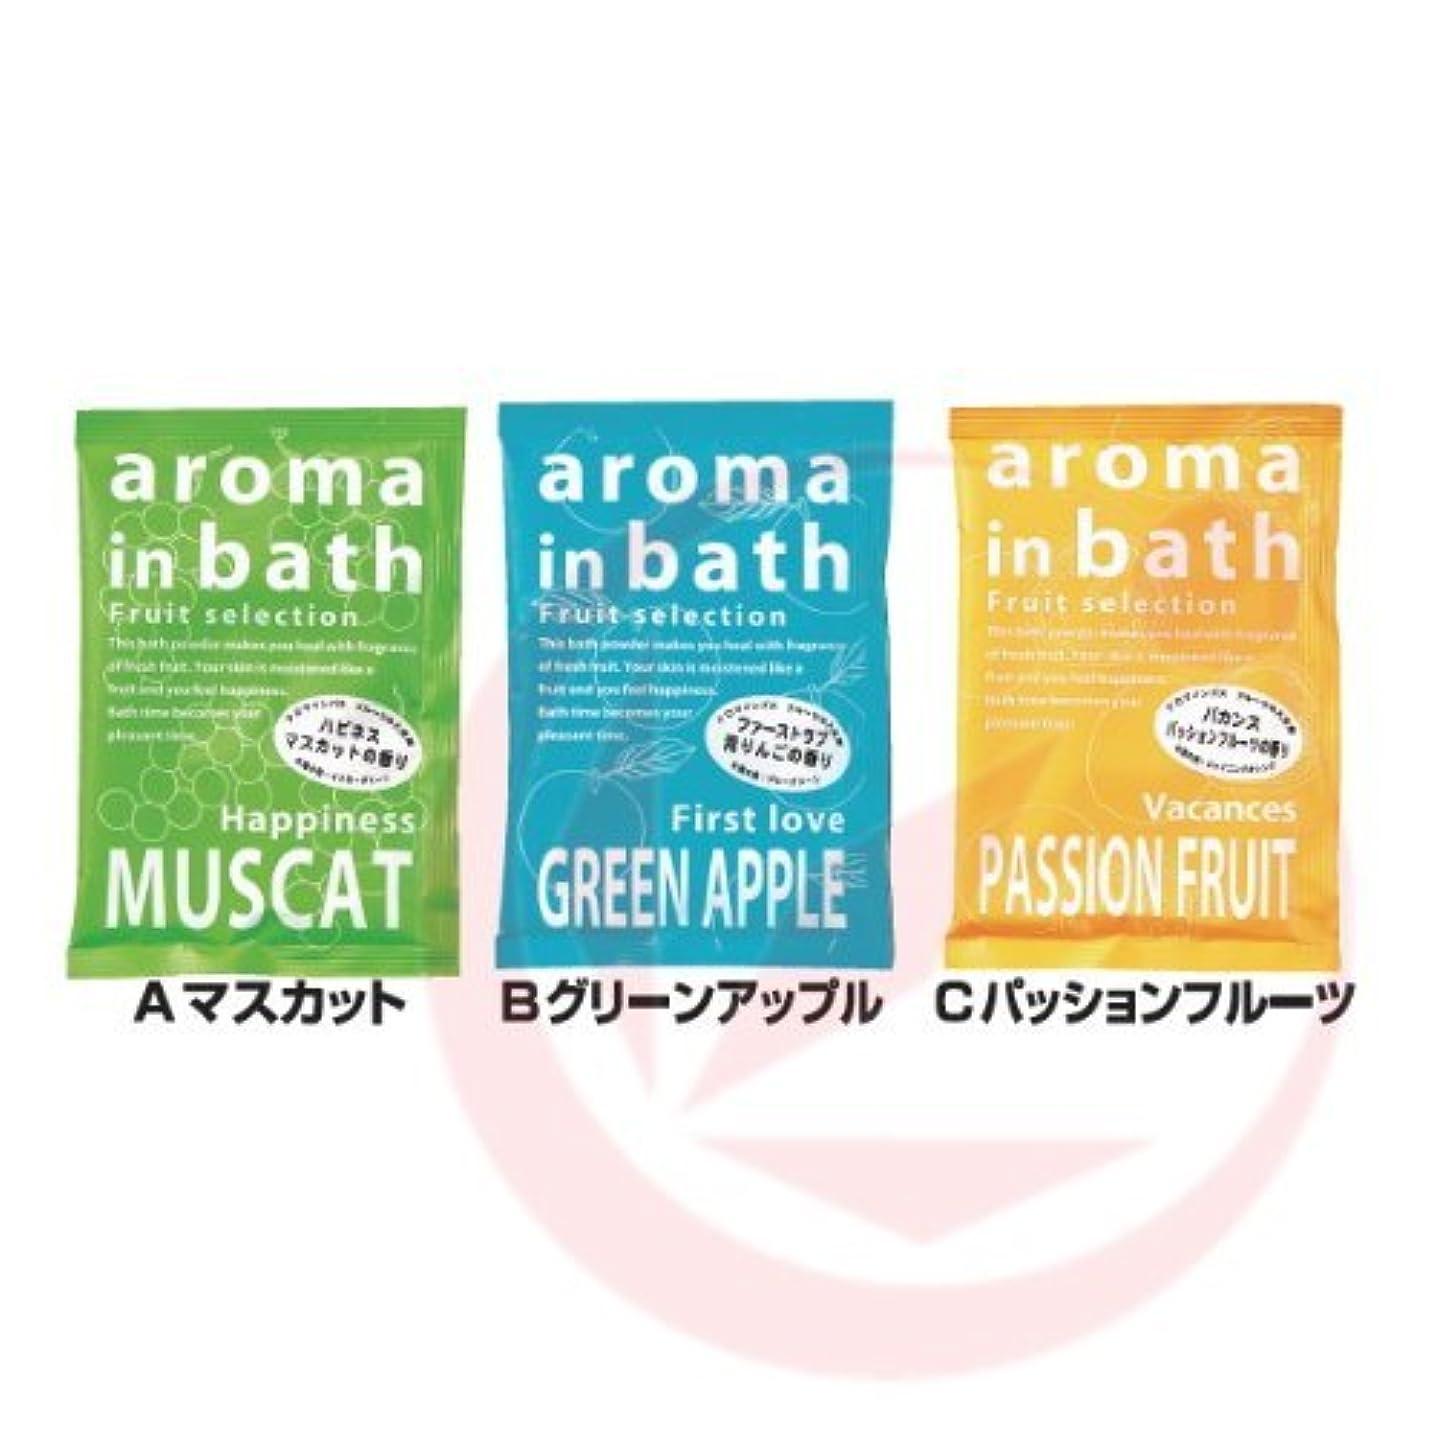 セラフ白い荒れ地粉体入浴剤アロマインバス25g 48袋入り(3種類 各16袋)